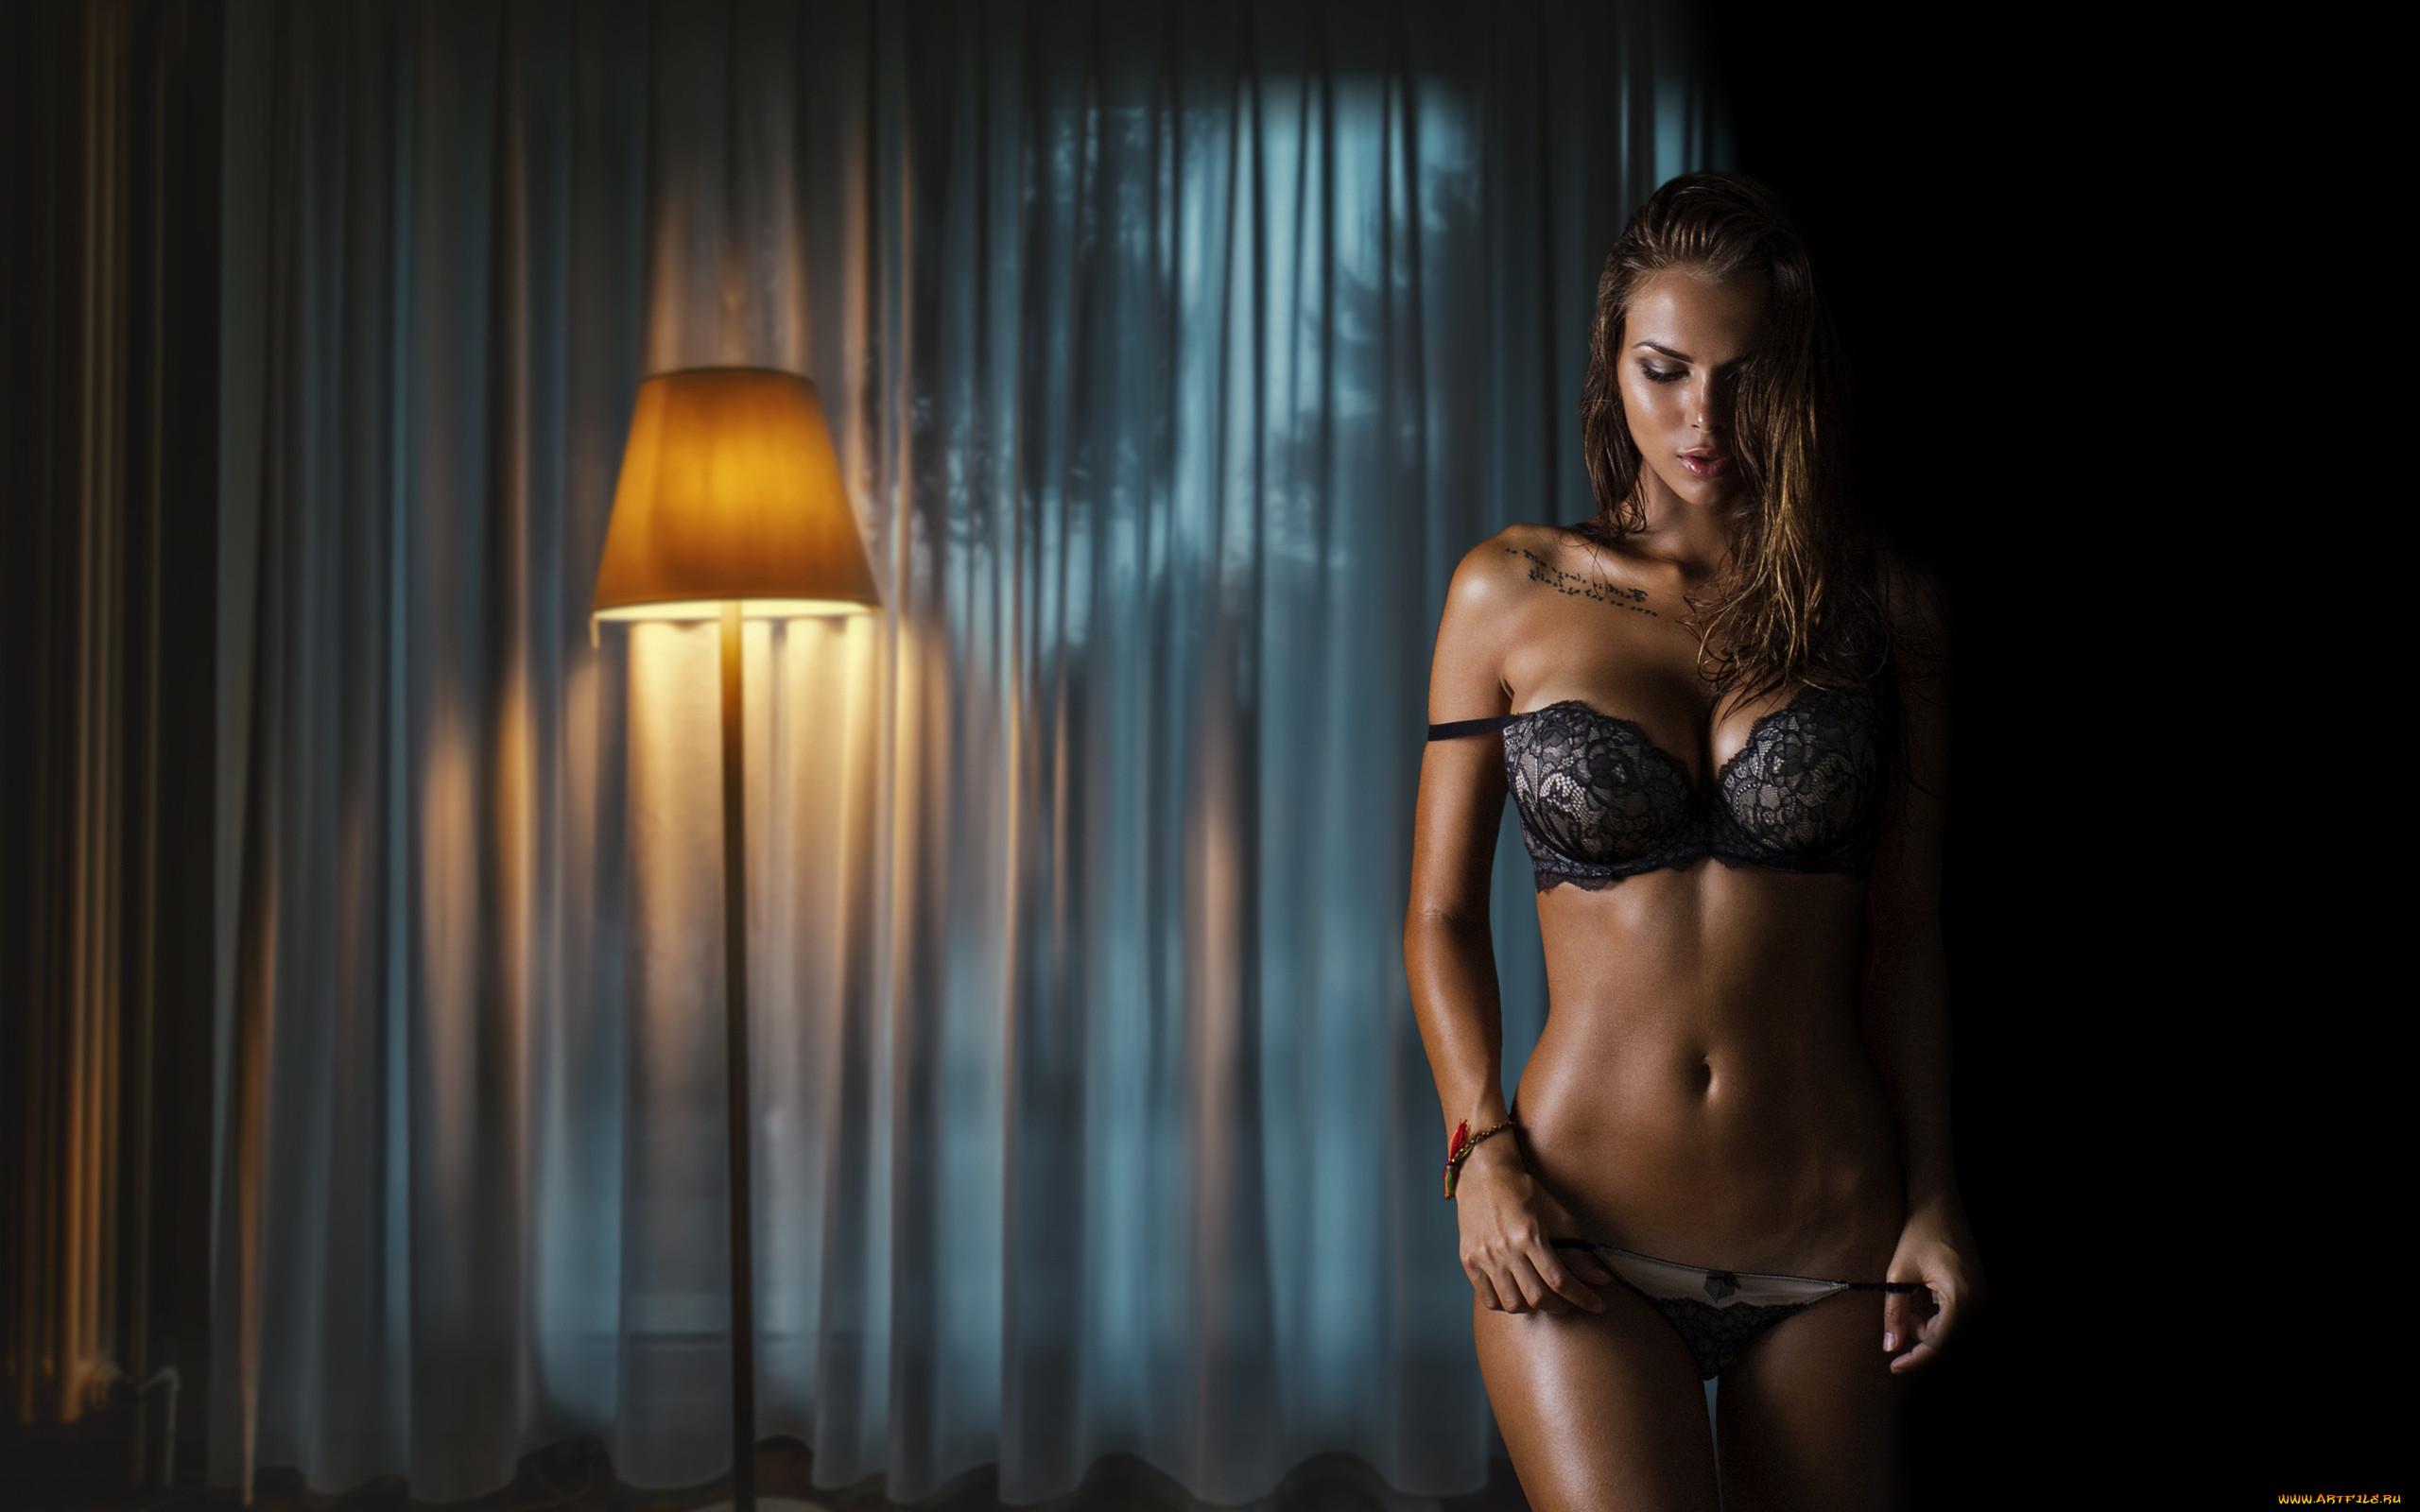 viktoria odintsova, девушки, виктория одинцова, viktoria, odintsova, виктория, одинцова, красотка, красавица, стройная, сексуальная, поза, светловолосая, причёска, макияж, флирт, фигура